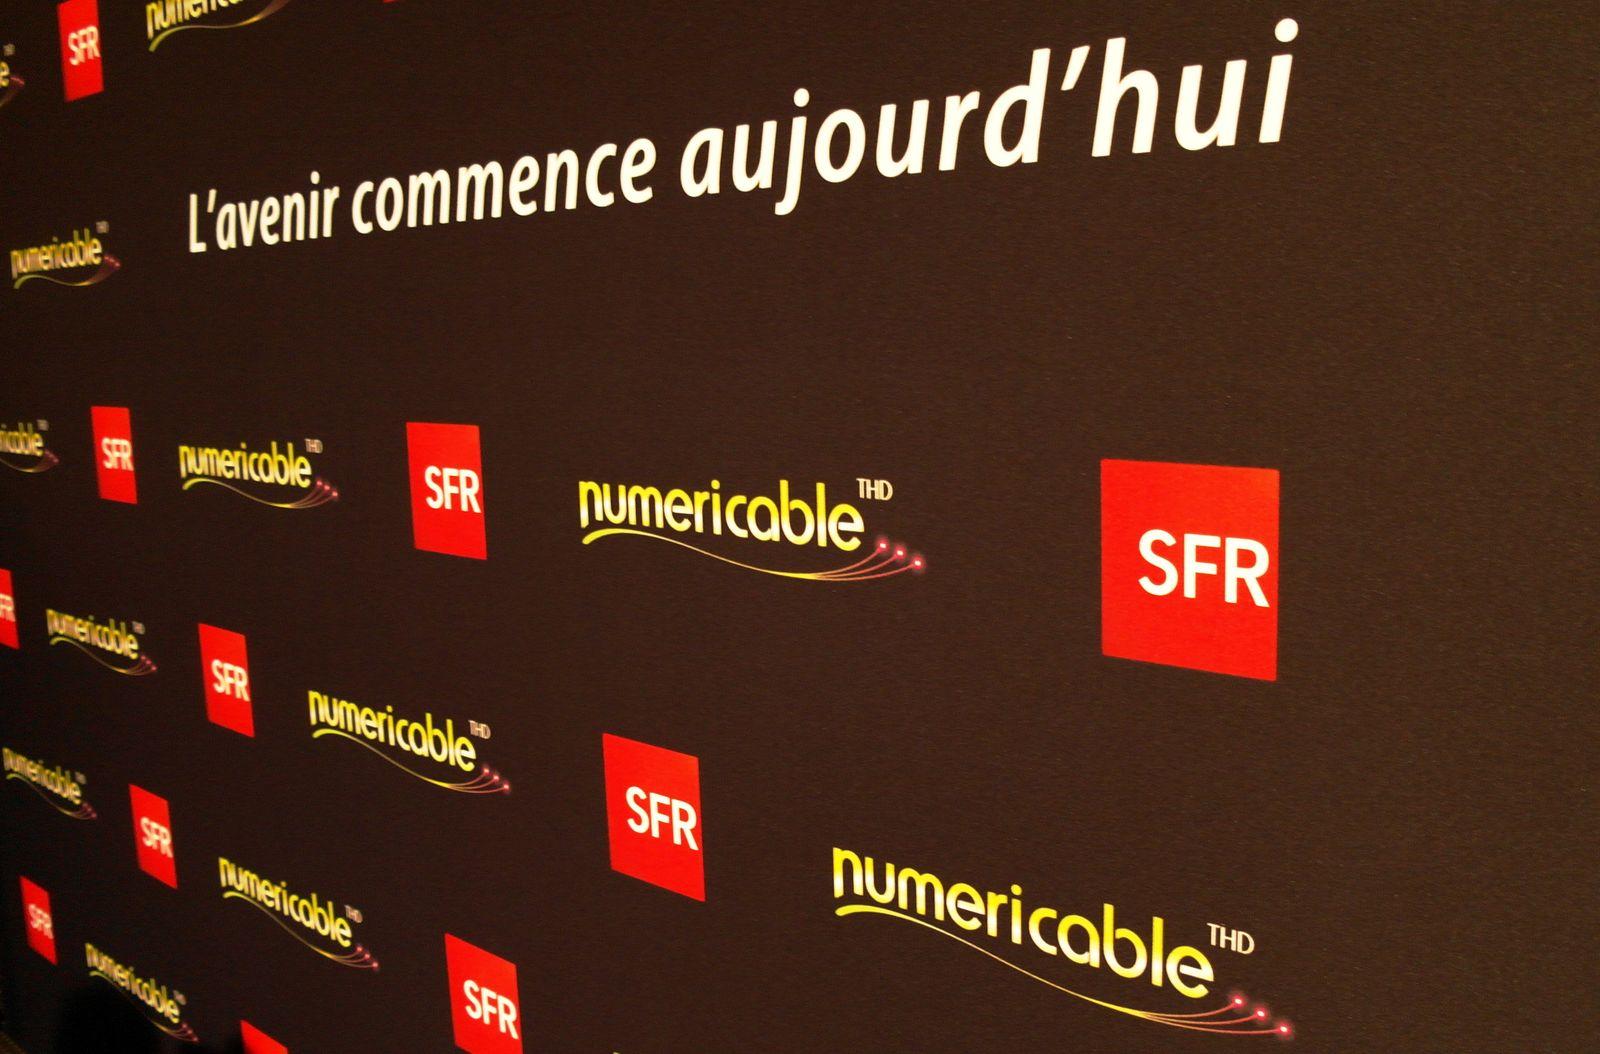 Numericable et Virgin Mobile disparaissent au profit de la marque SFR